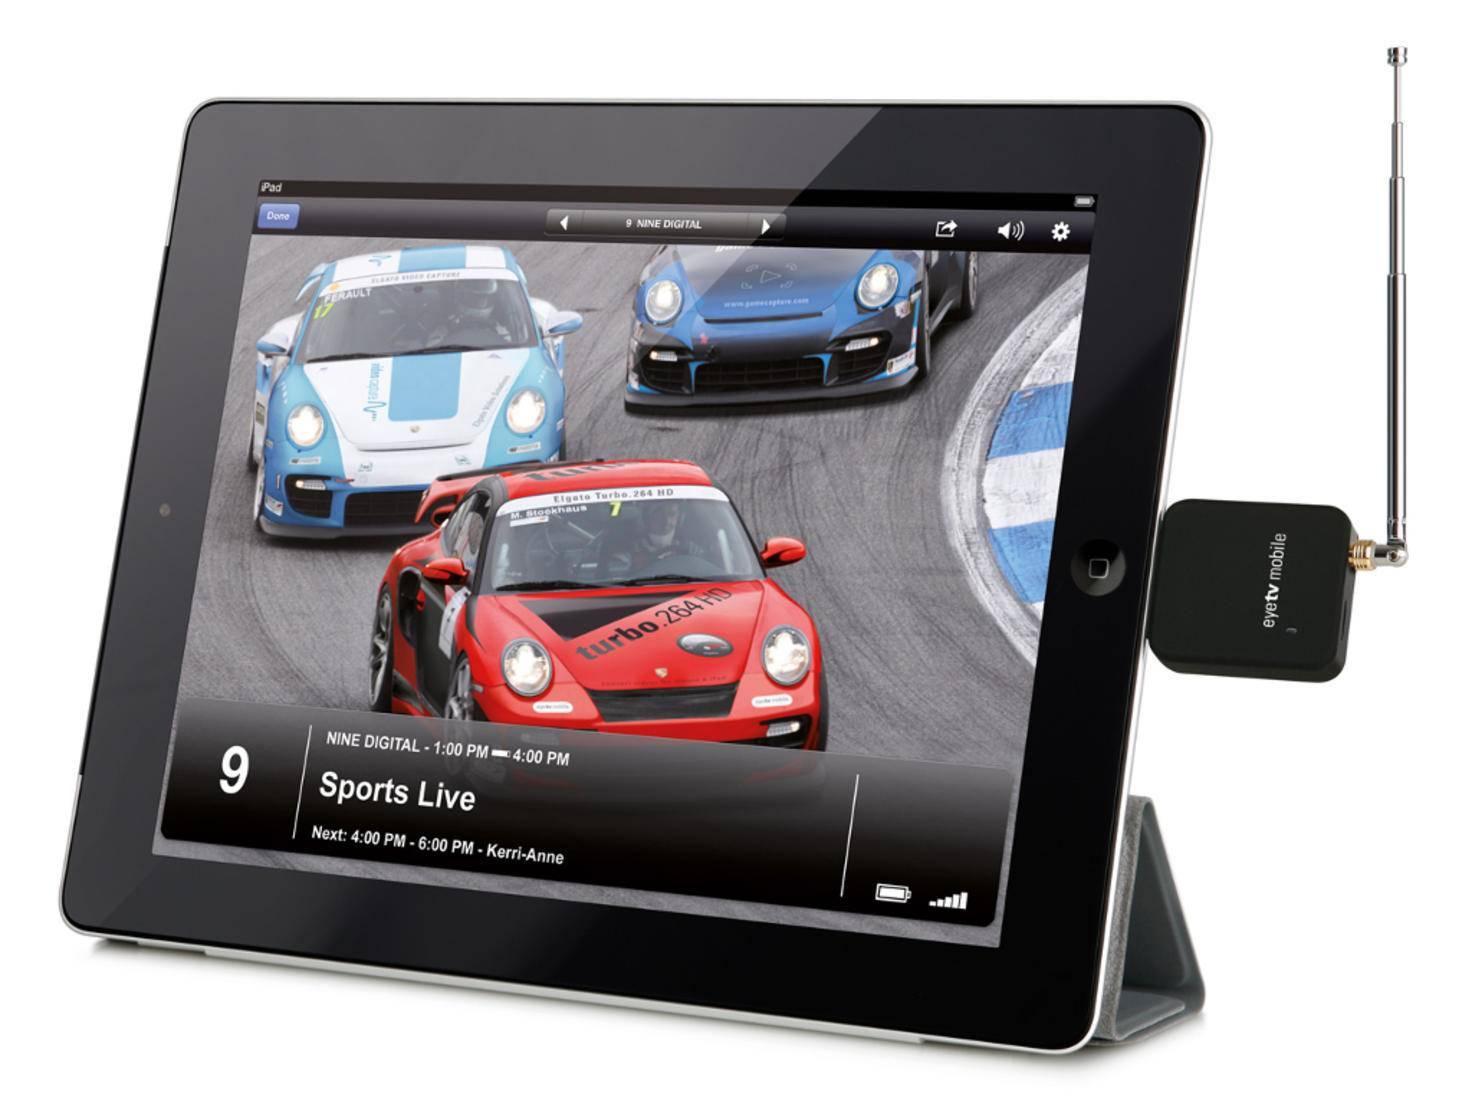 Der mobile TV-Tuner Elgato EyeTV verwandelt iPad und iPhone in einen portablen Fernseher.